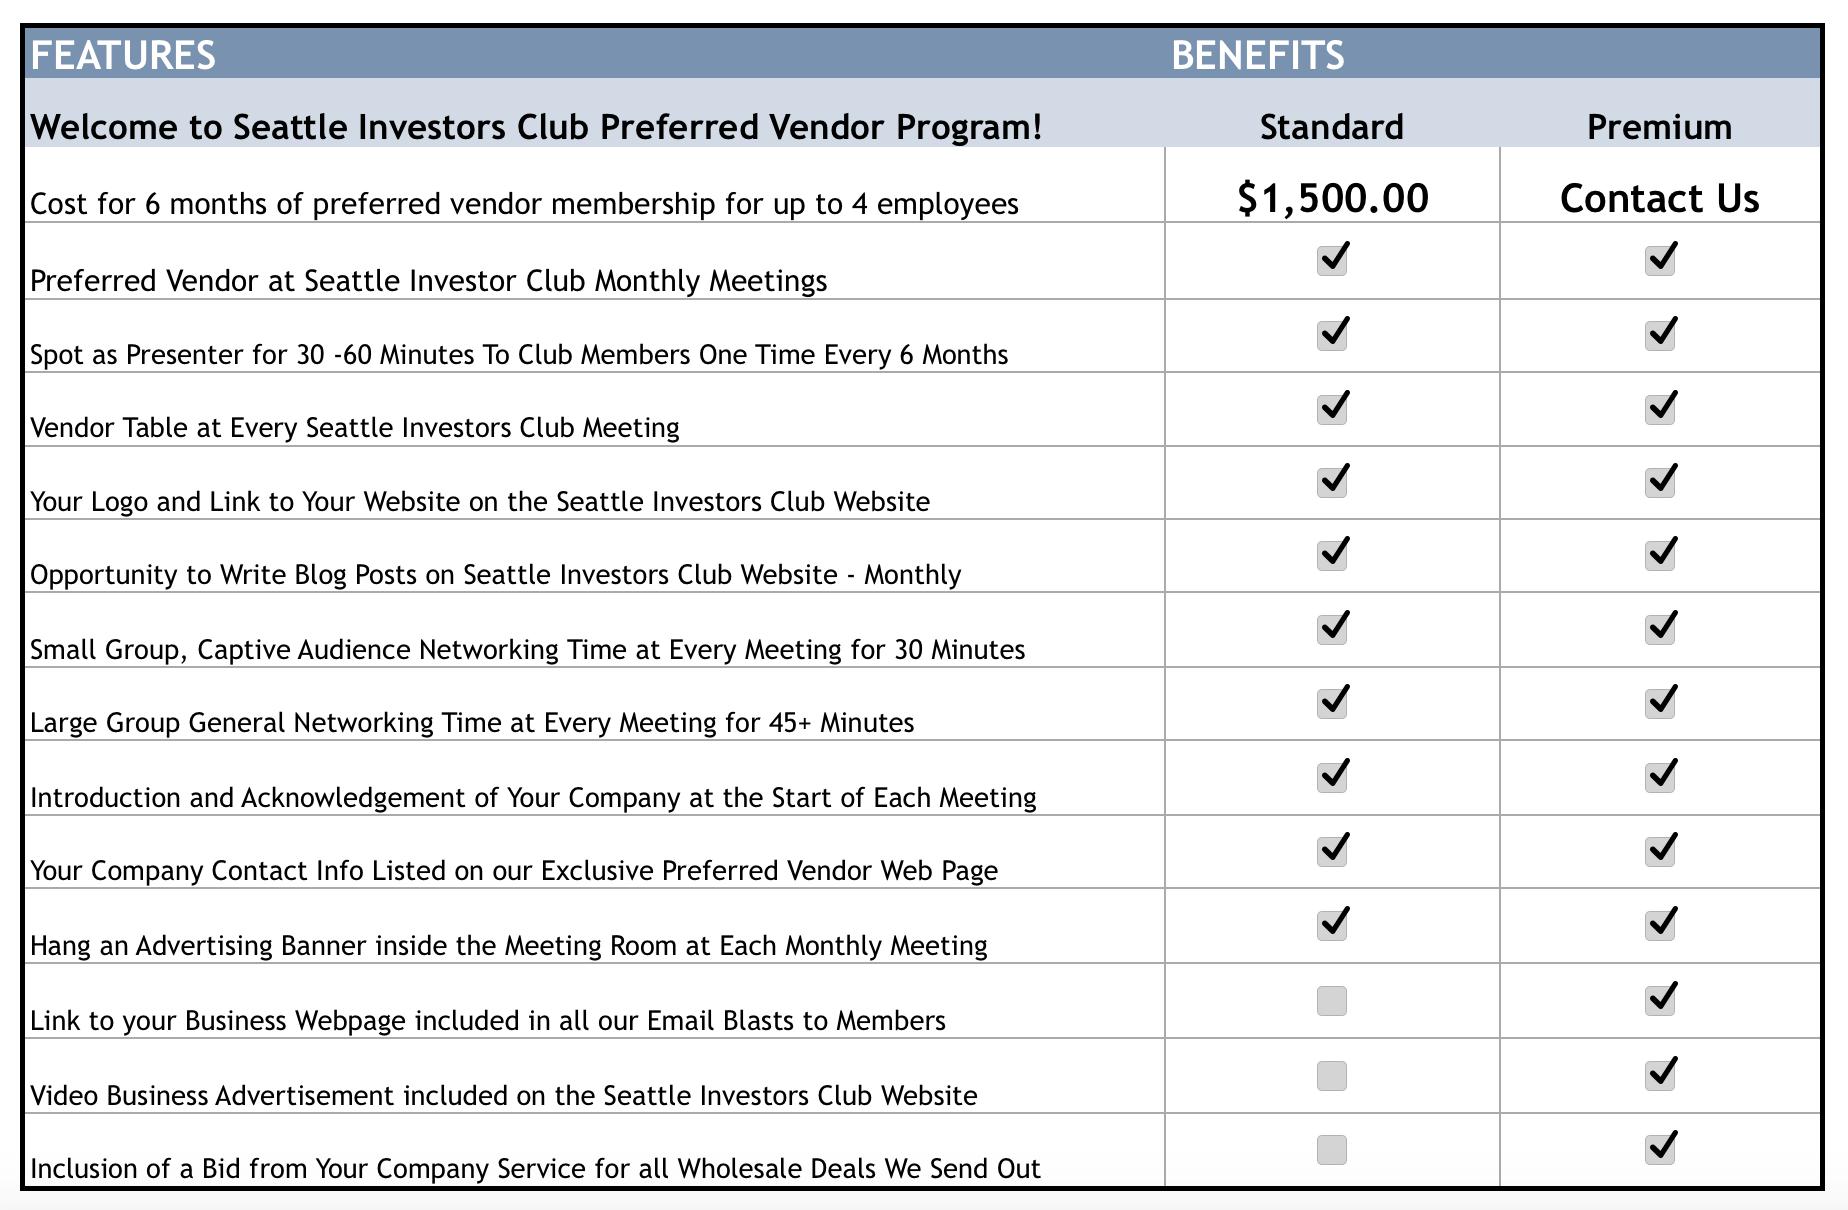 SIC Vendor Membership Graphic Feb 2018